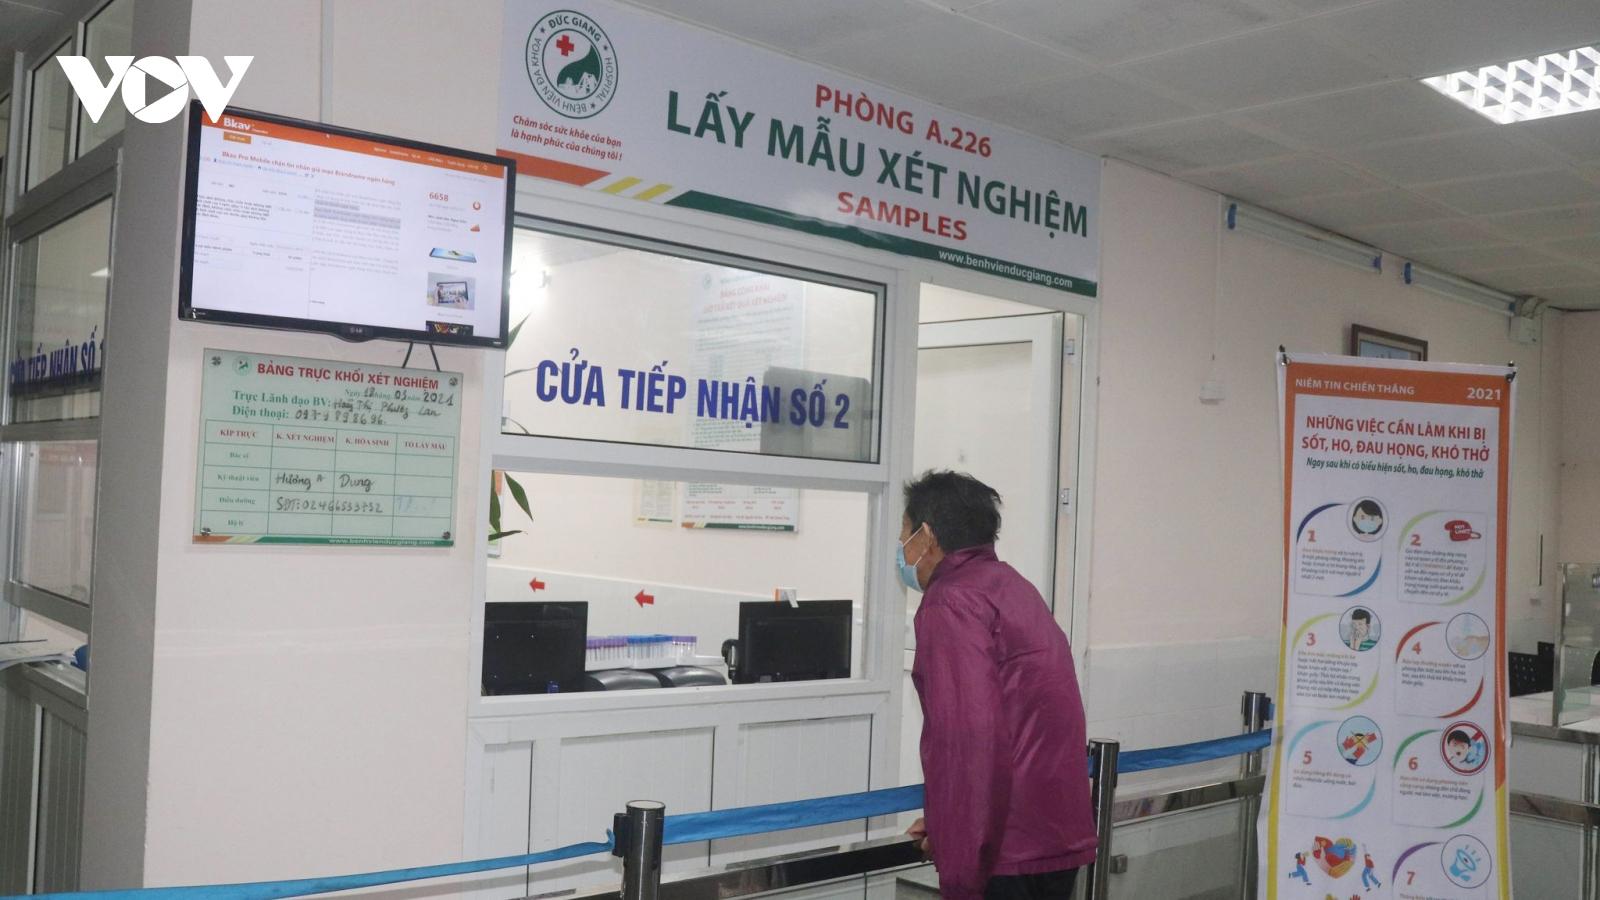 1 nhân viên Bệnh viện Đa khoa Đức Giang dương tính với SARS-CoV-2